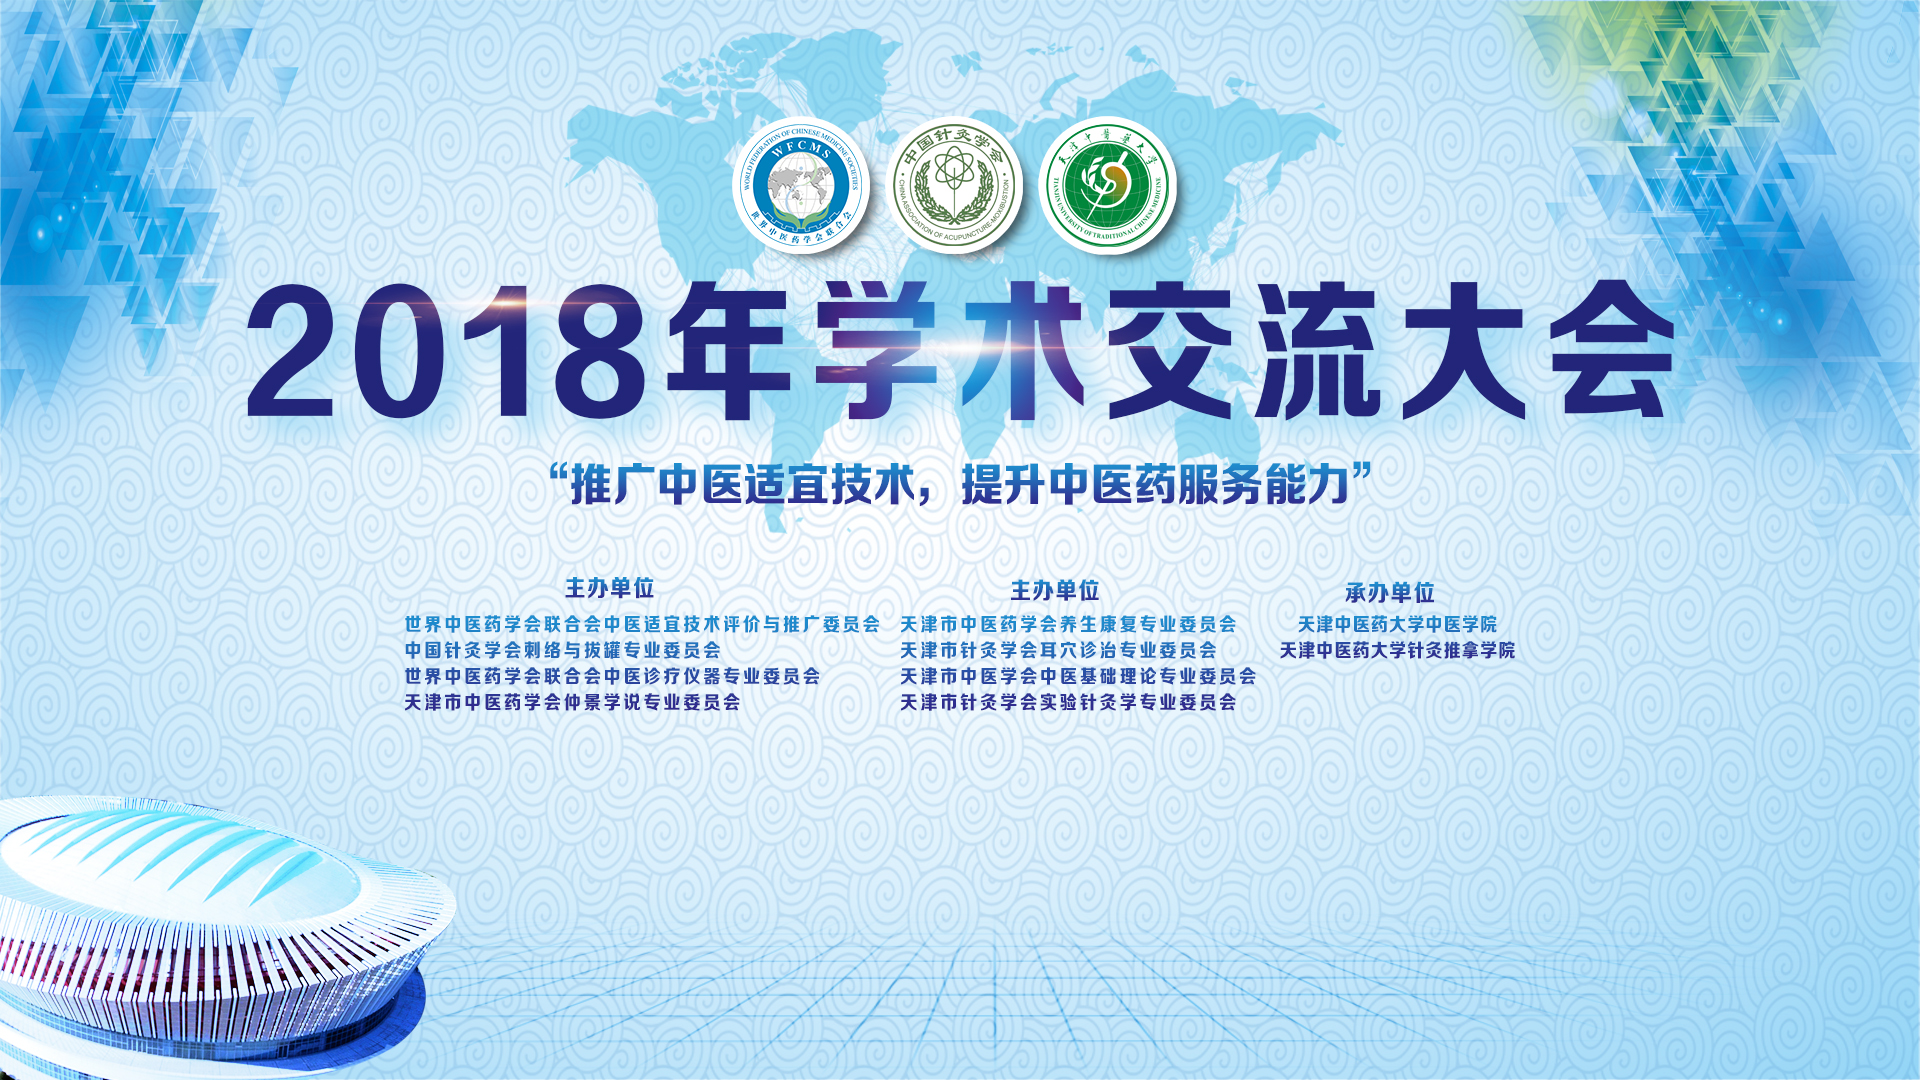 2018年中医适宜技术评价与推广委员会年会